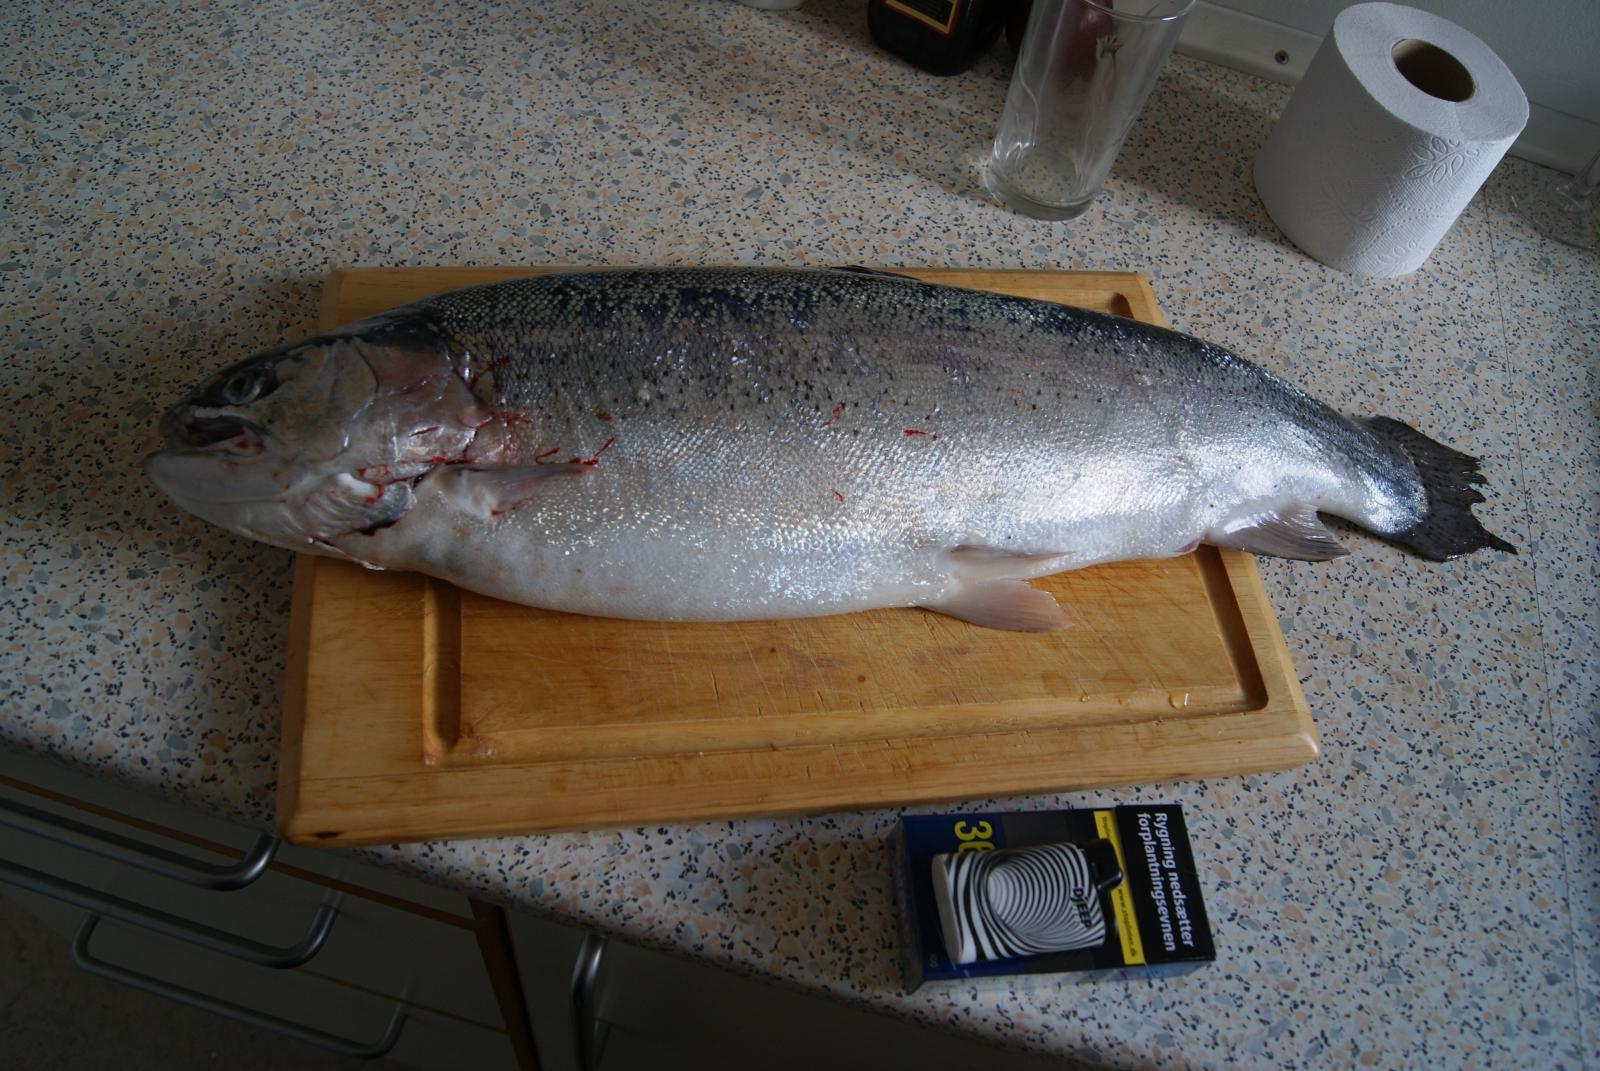 Regnbueørred på 59 cm og 2.50 kg fra Gisseløre spidsen, Sjælland -  fanget på Aba Garcia 18g. # 6616